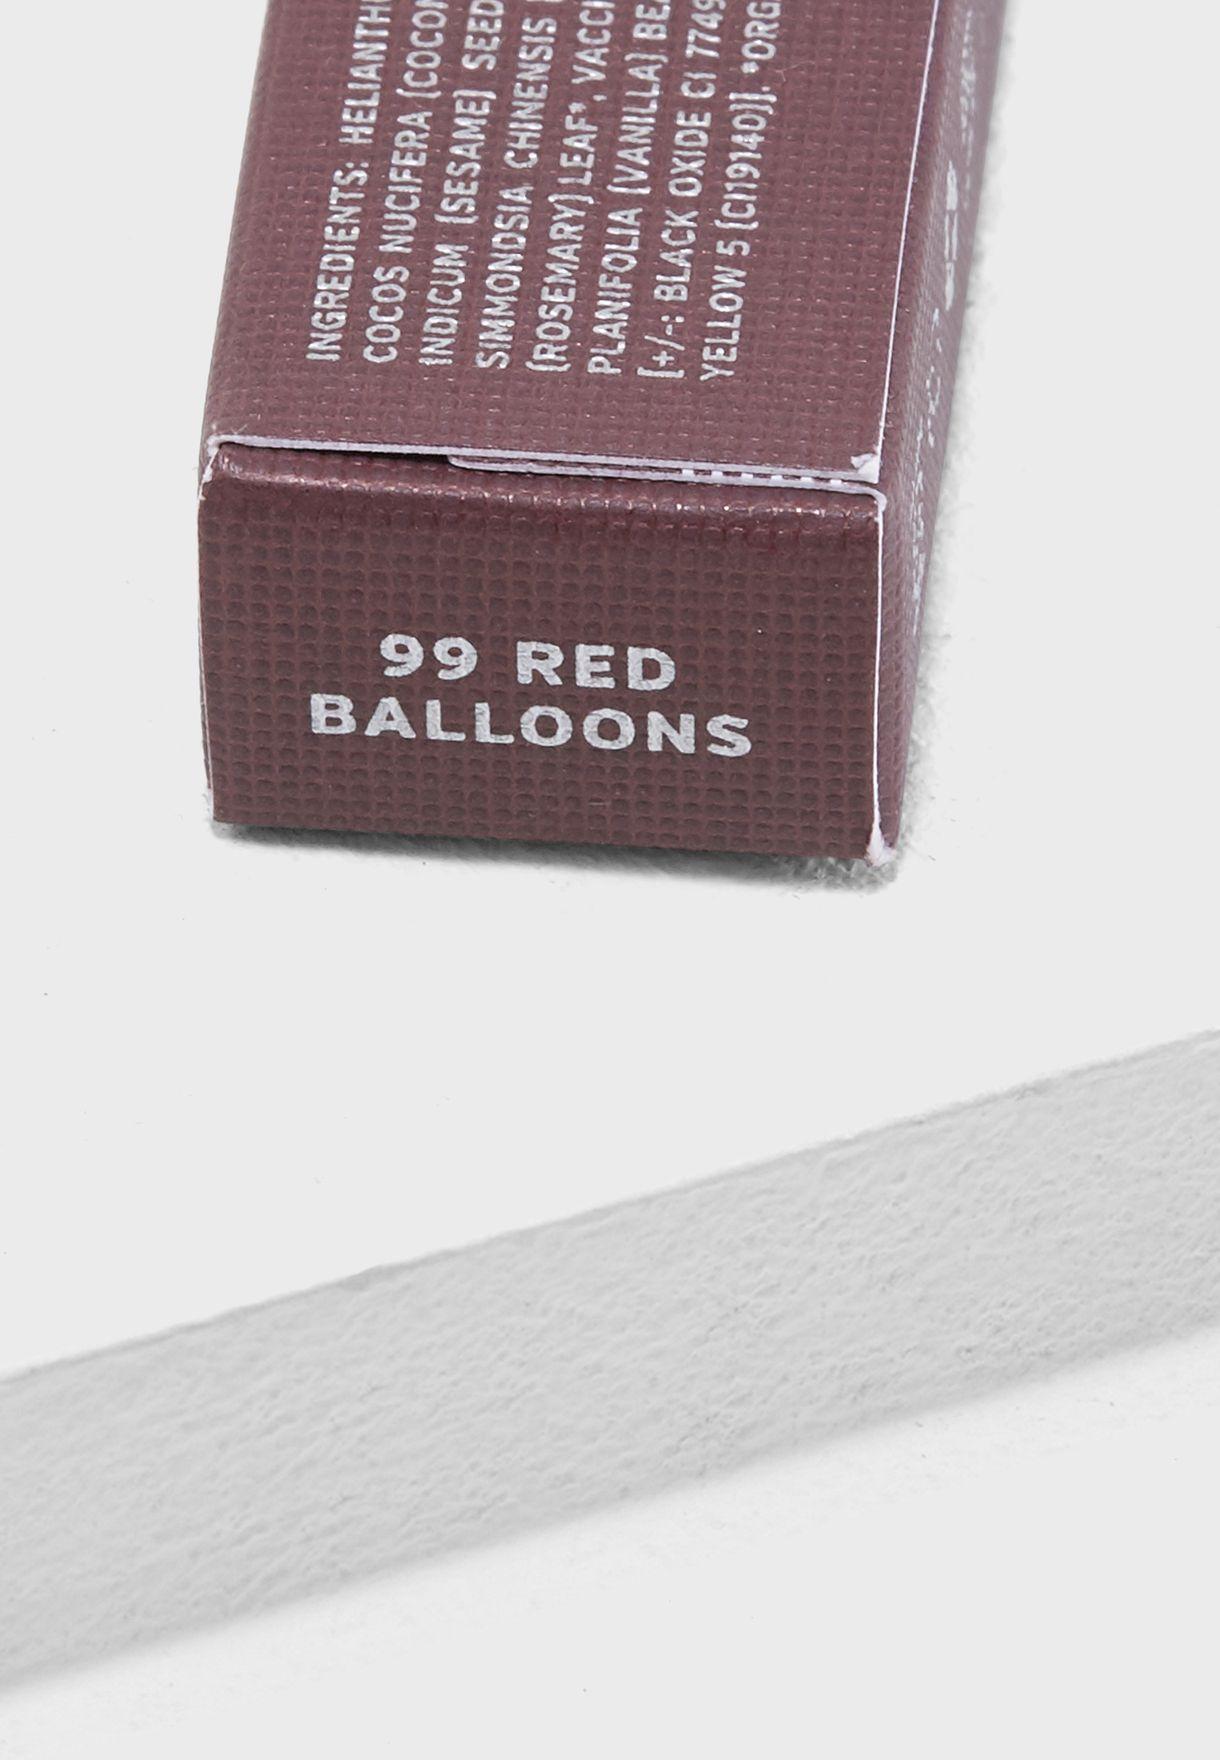 99 Red Balloons Satin Cream Lip Crayon